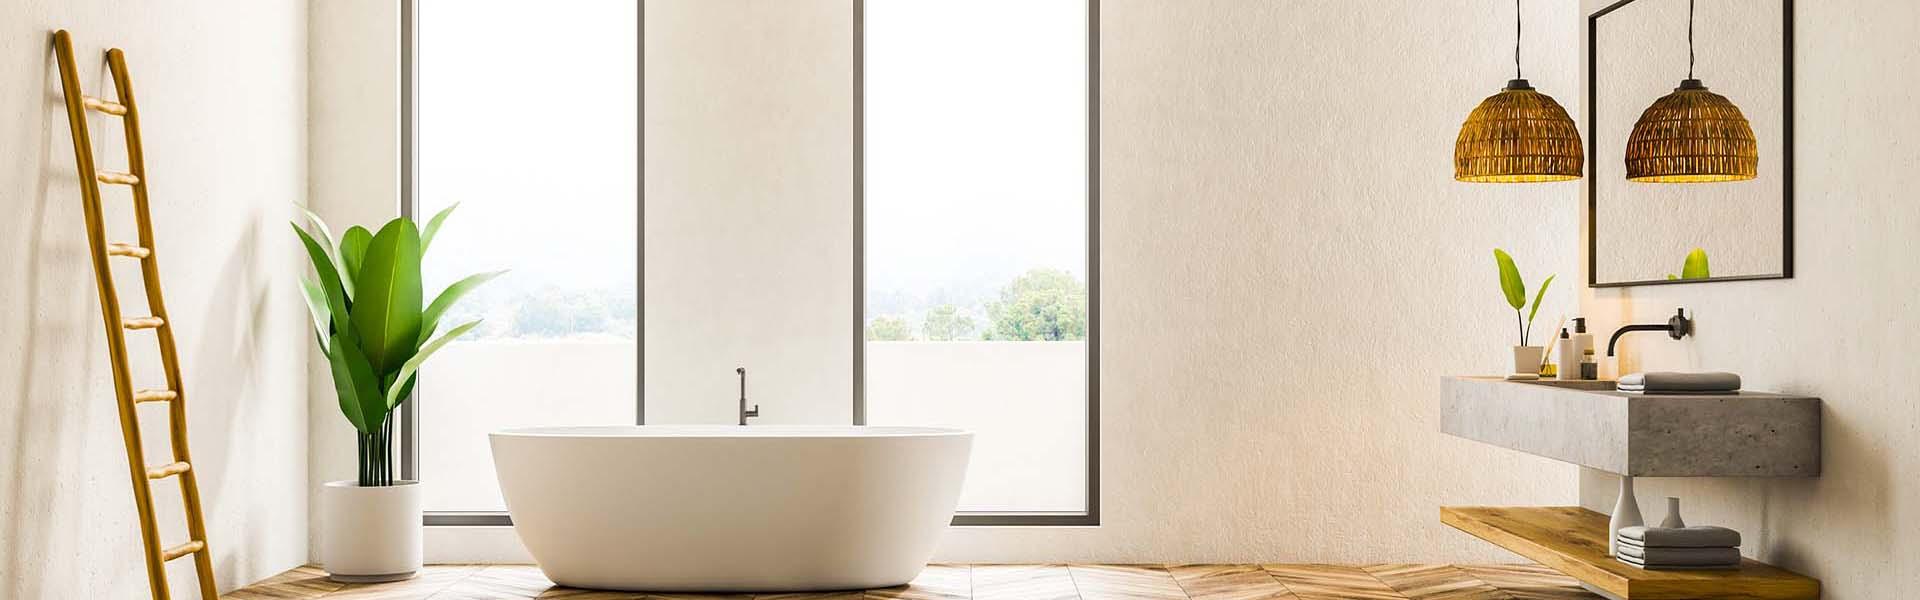 Exklusive Badezimmer modern mit großen Fliesen